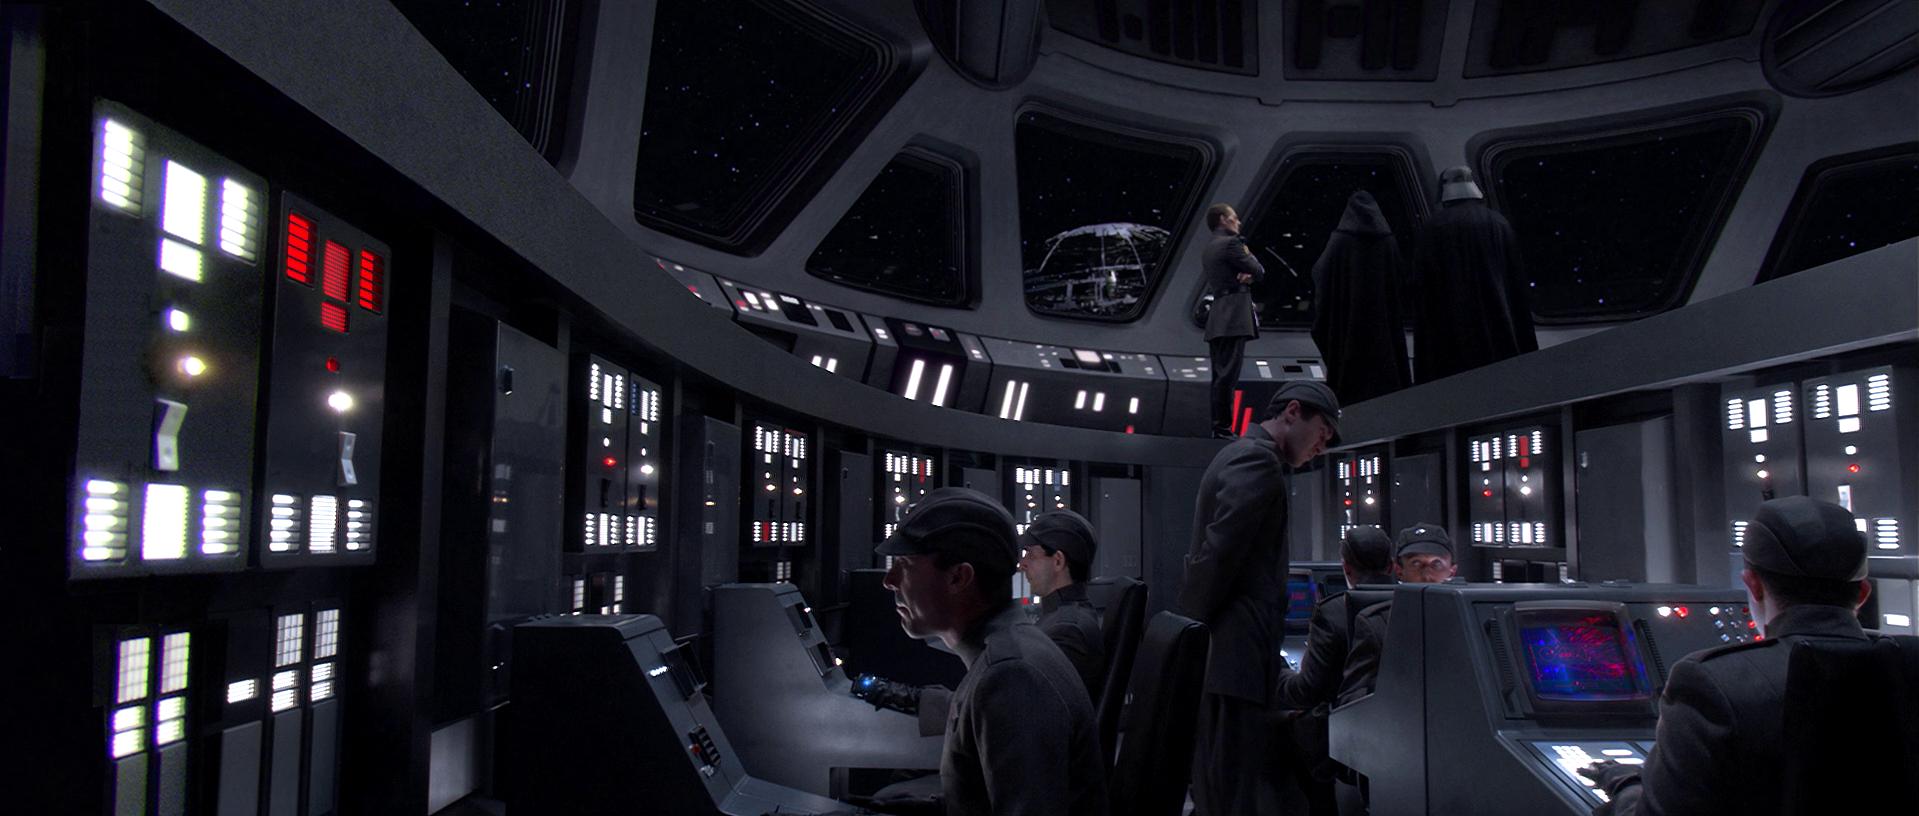 Star Wars Bridge Google Search Sci Fi Interior